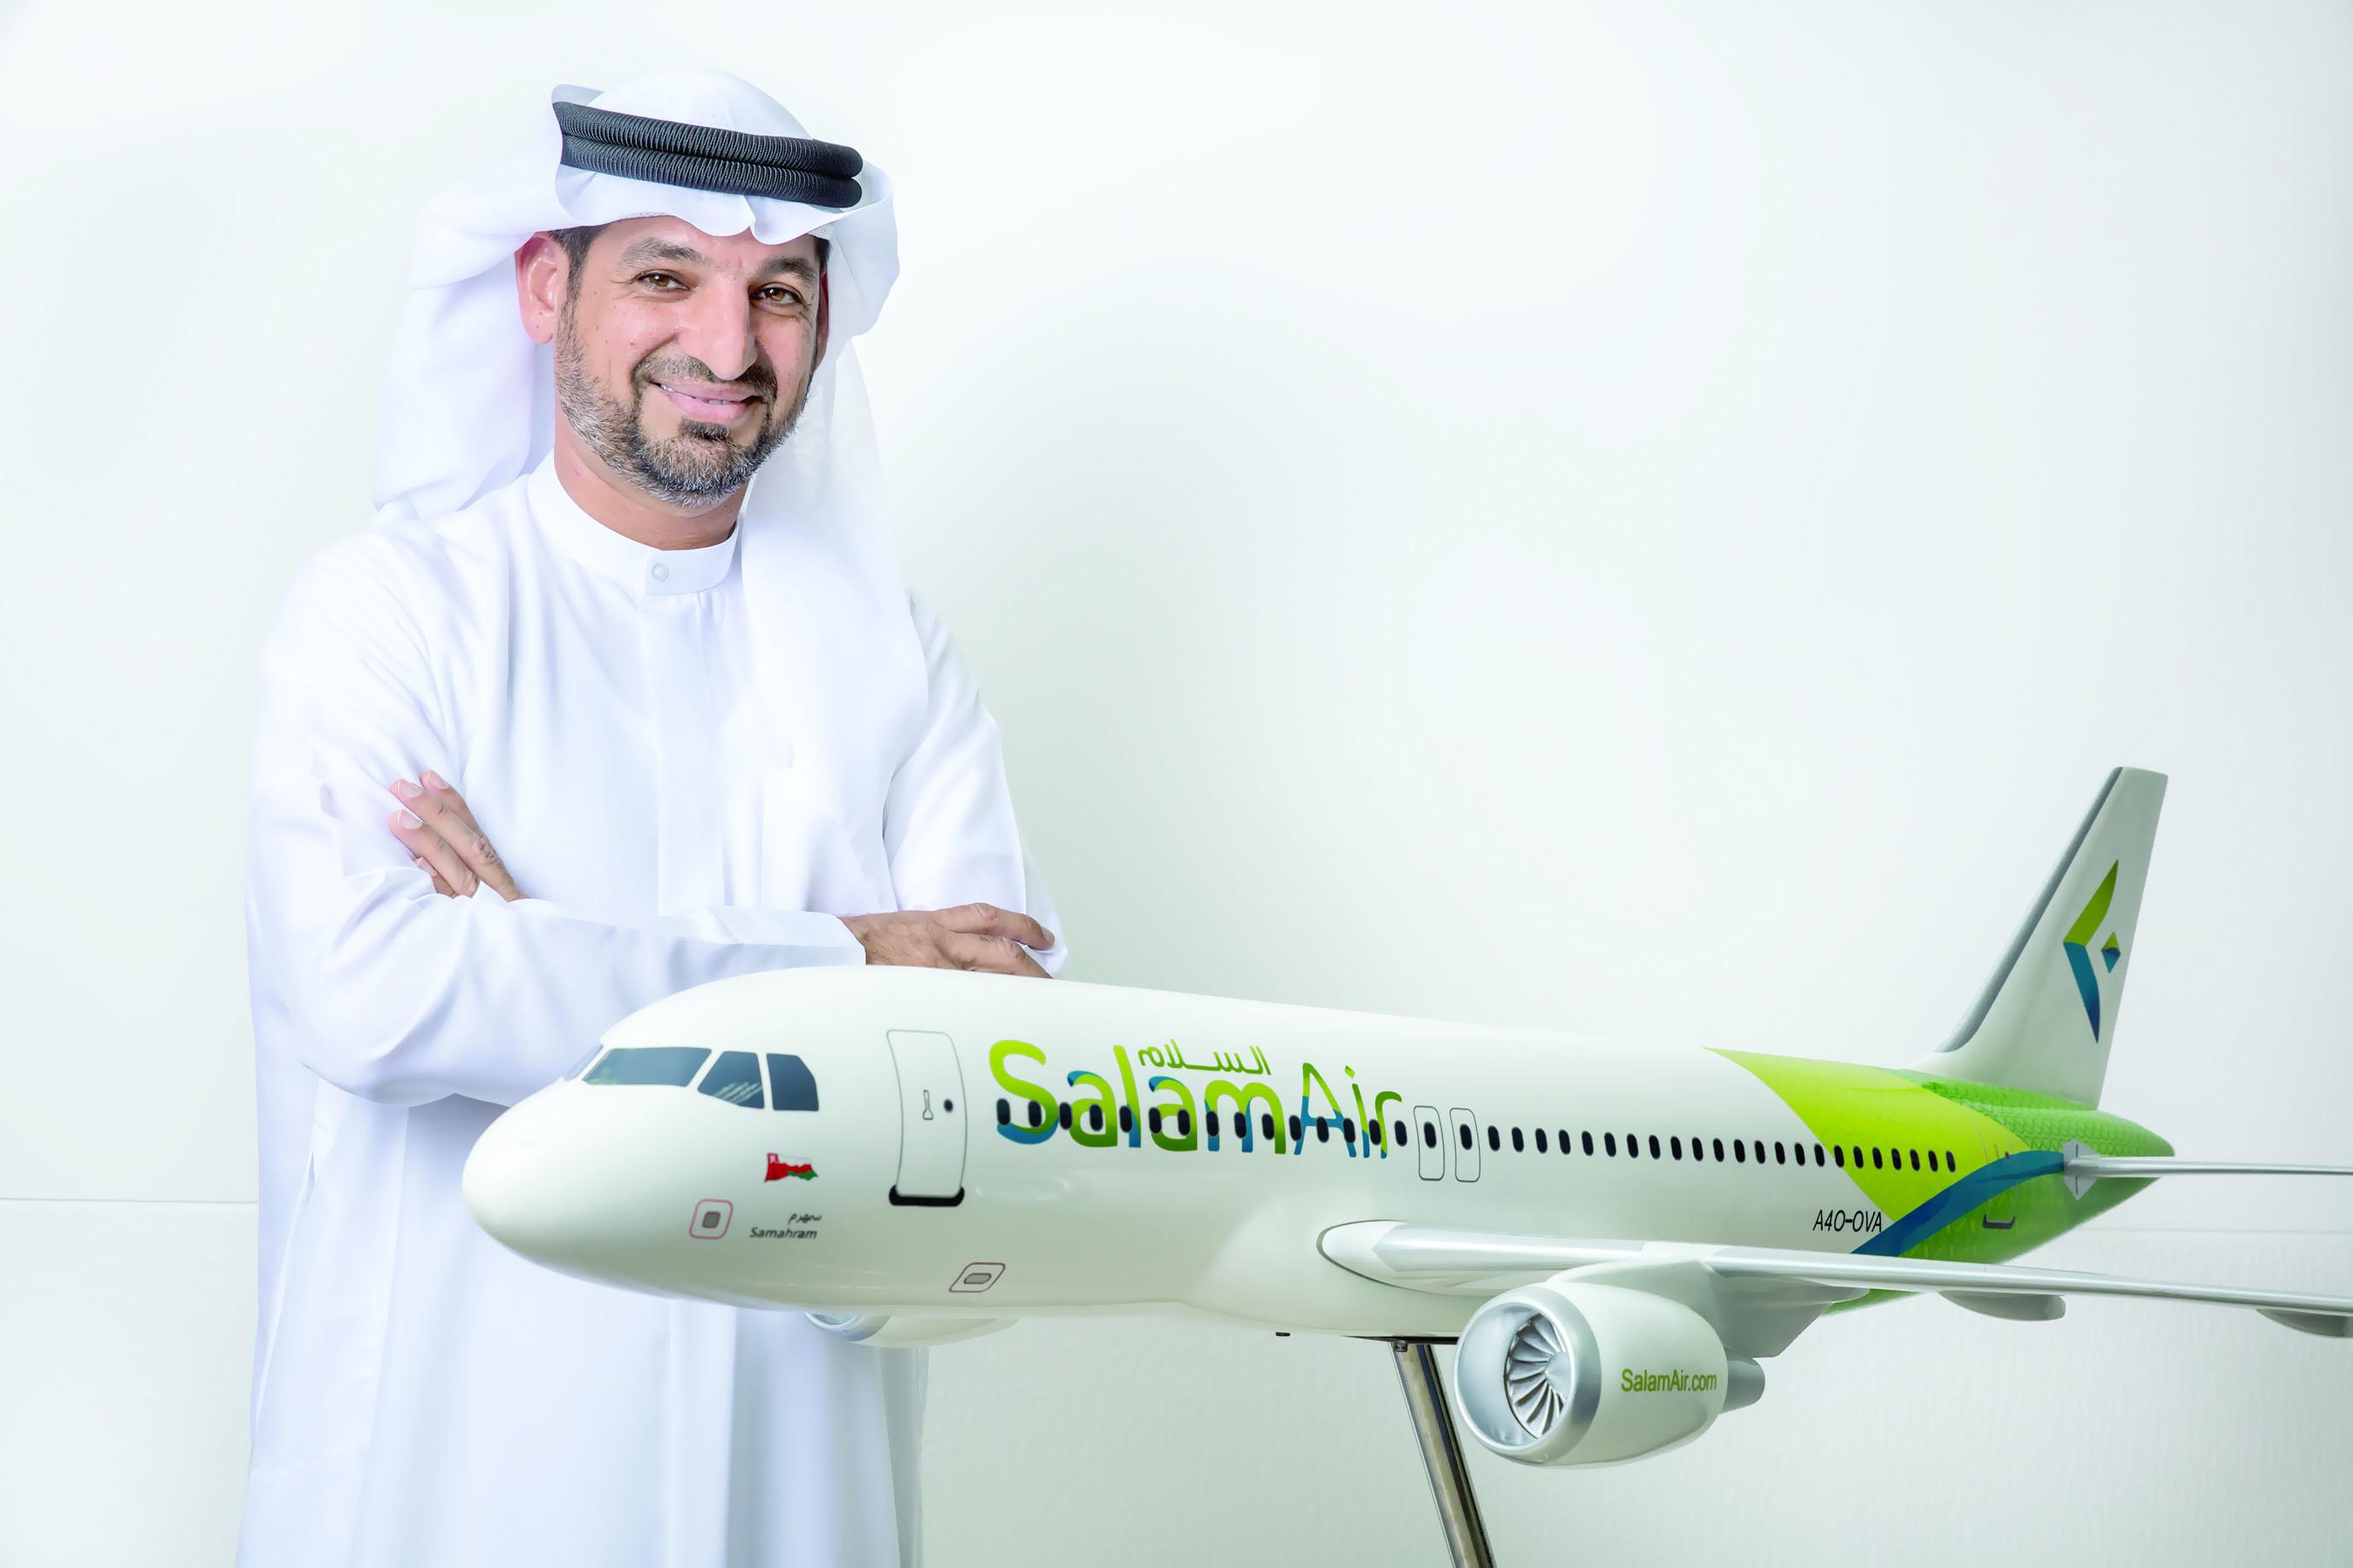 طيران السلام يزيد رحلاته من دكا إلى مسقط